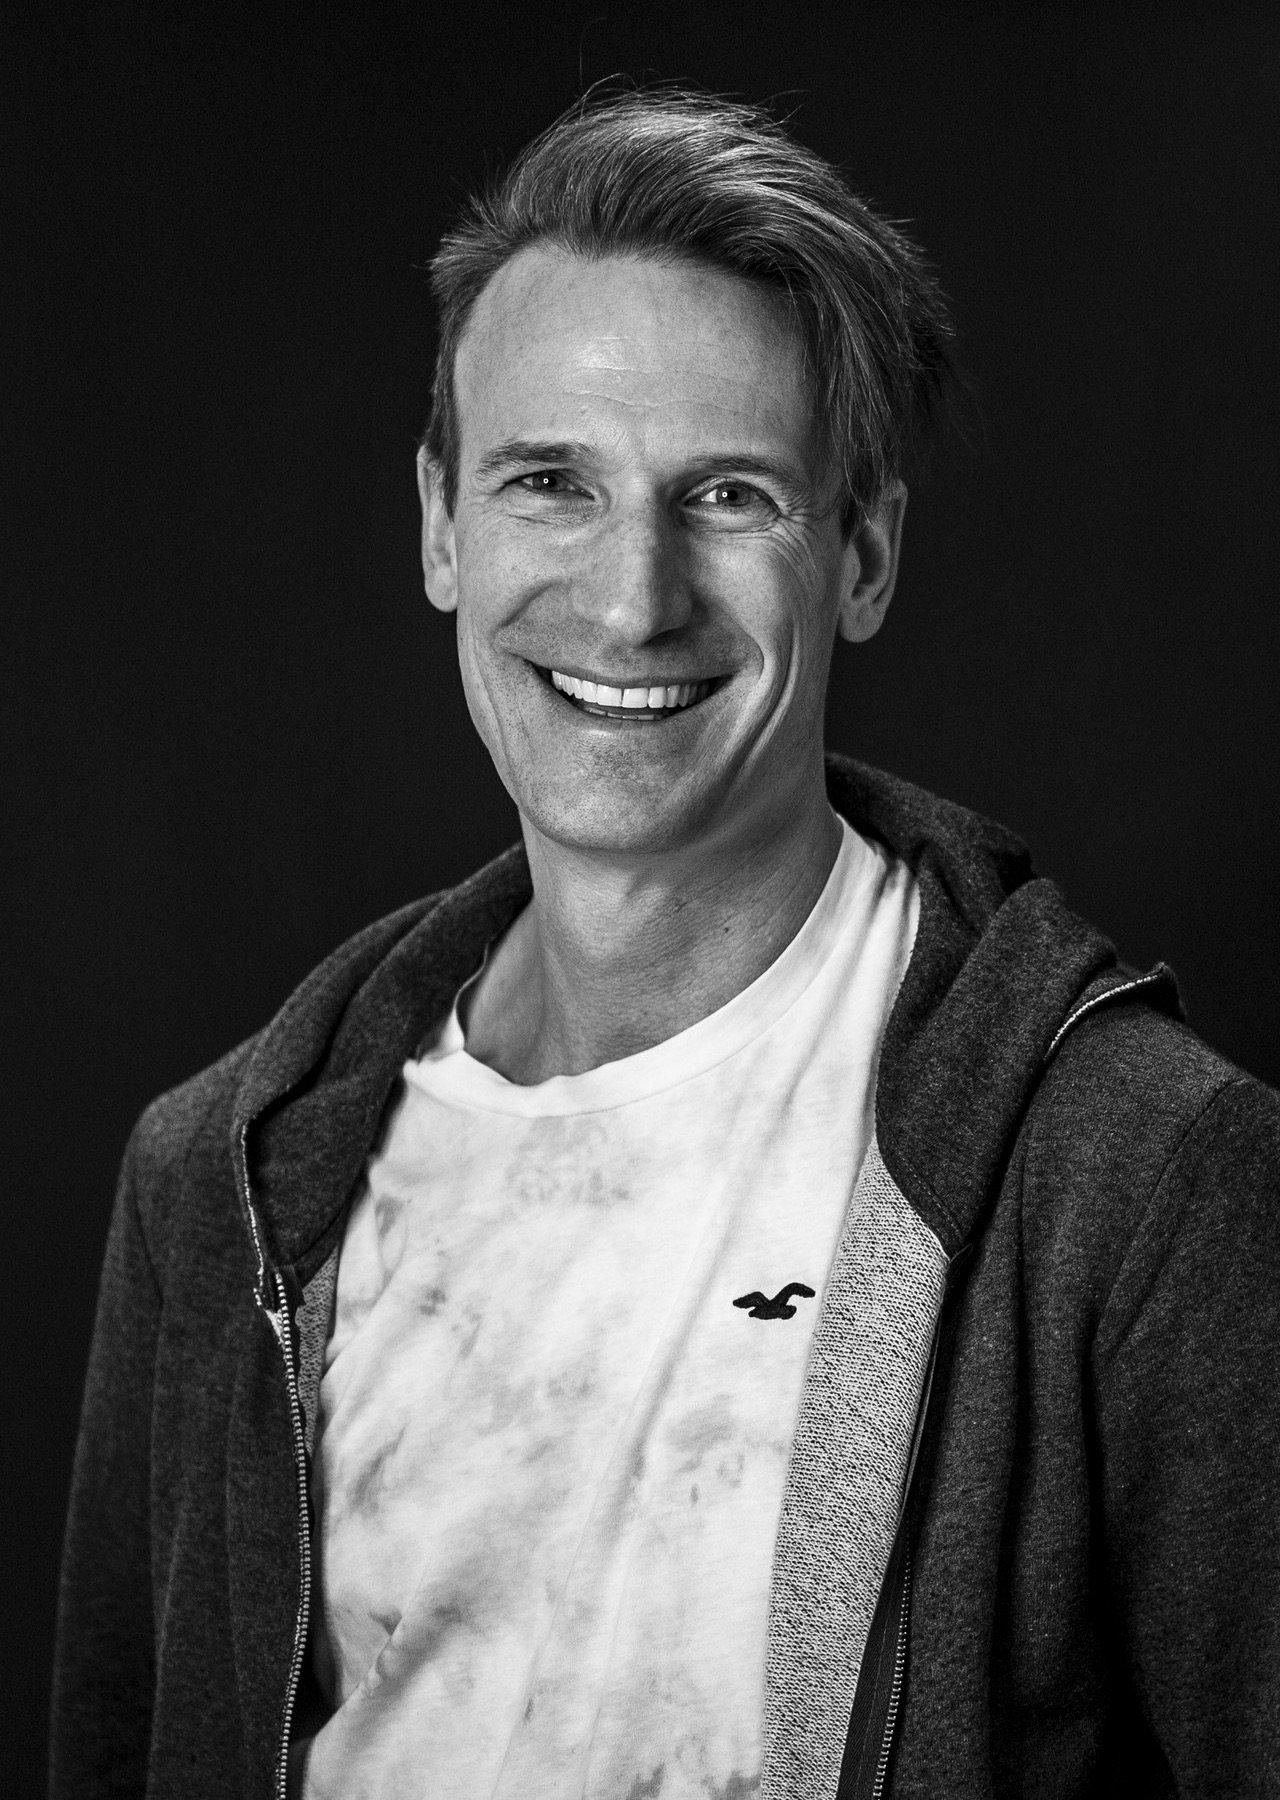 Nicolas Legler